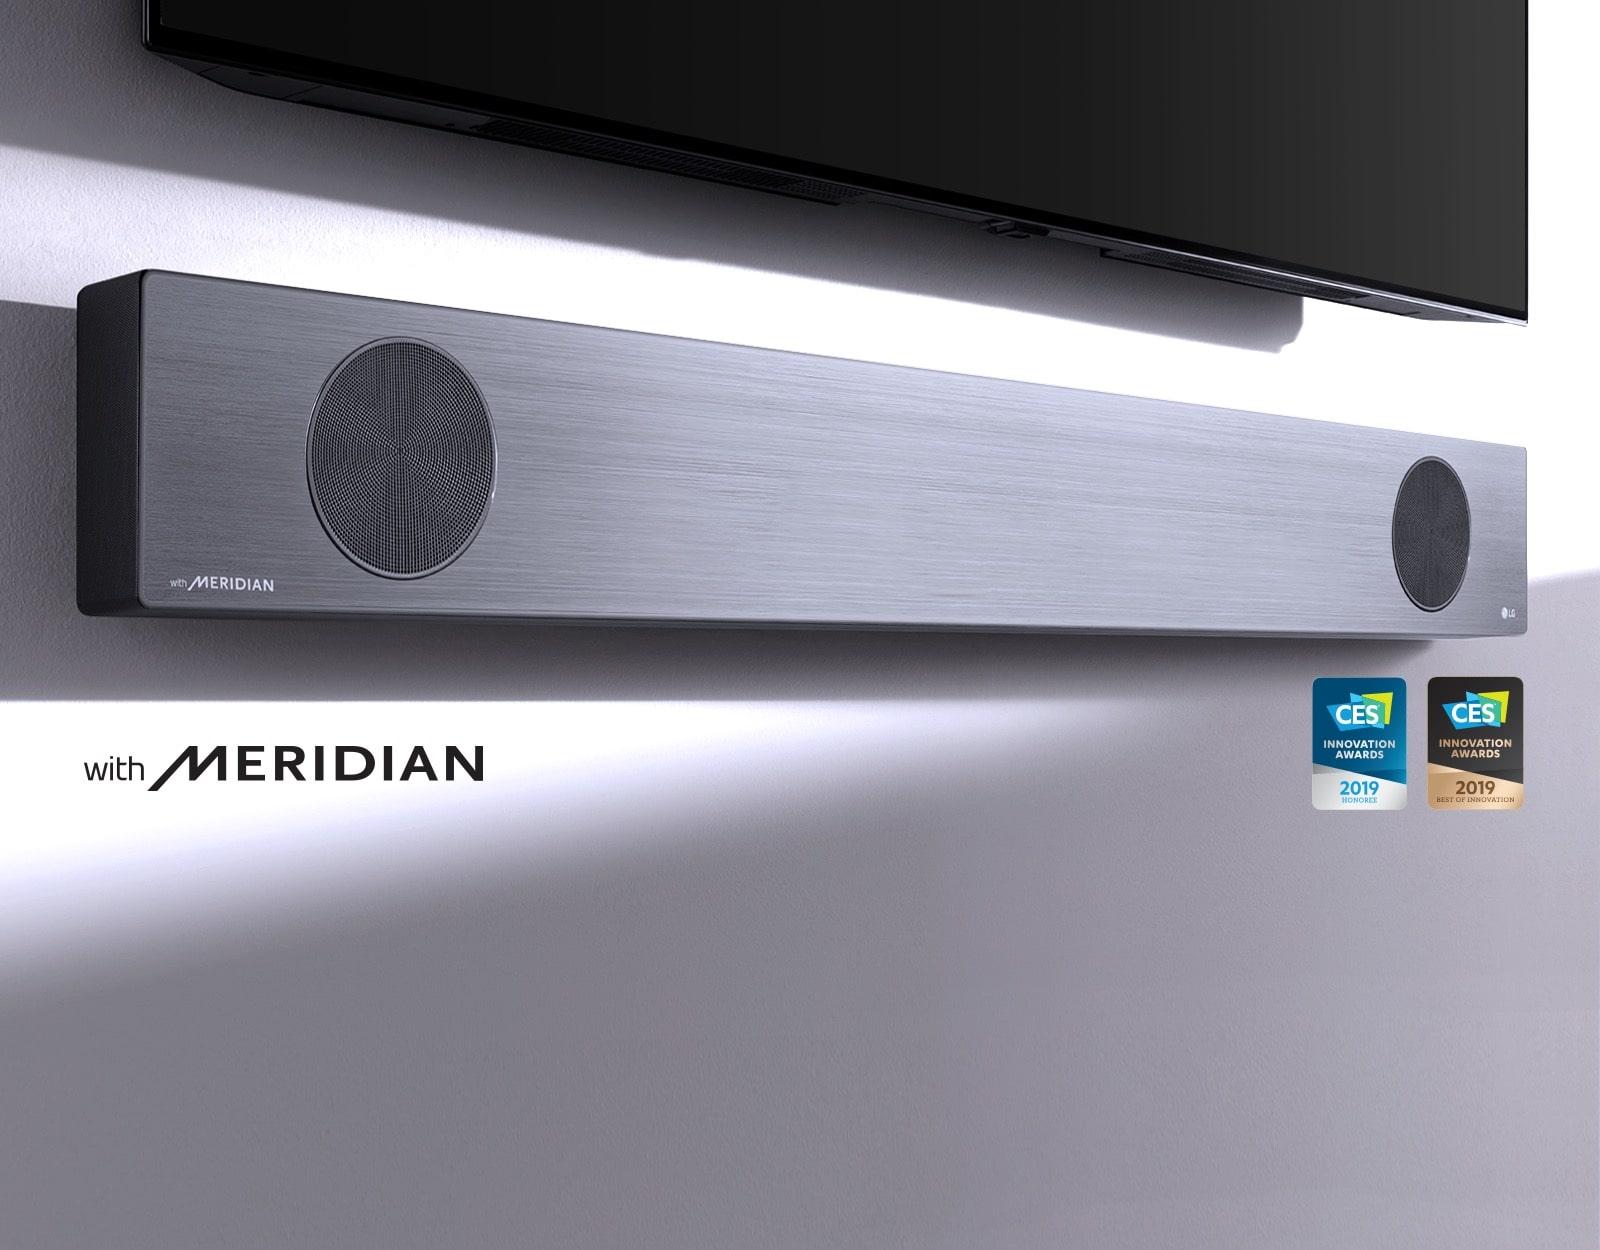 Технология MERIDIAN для исключительного звука